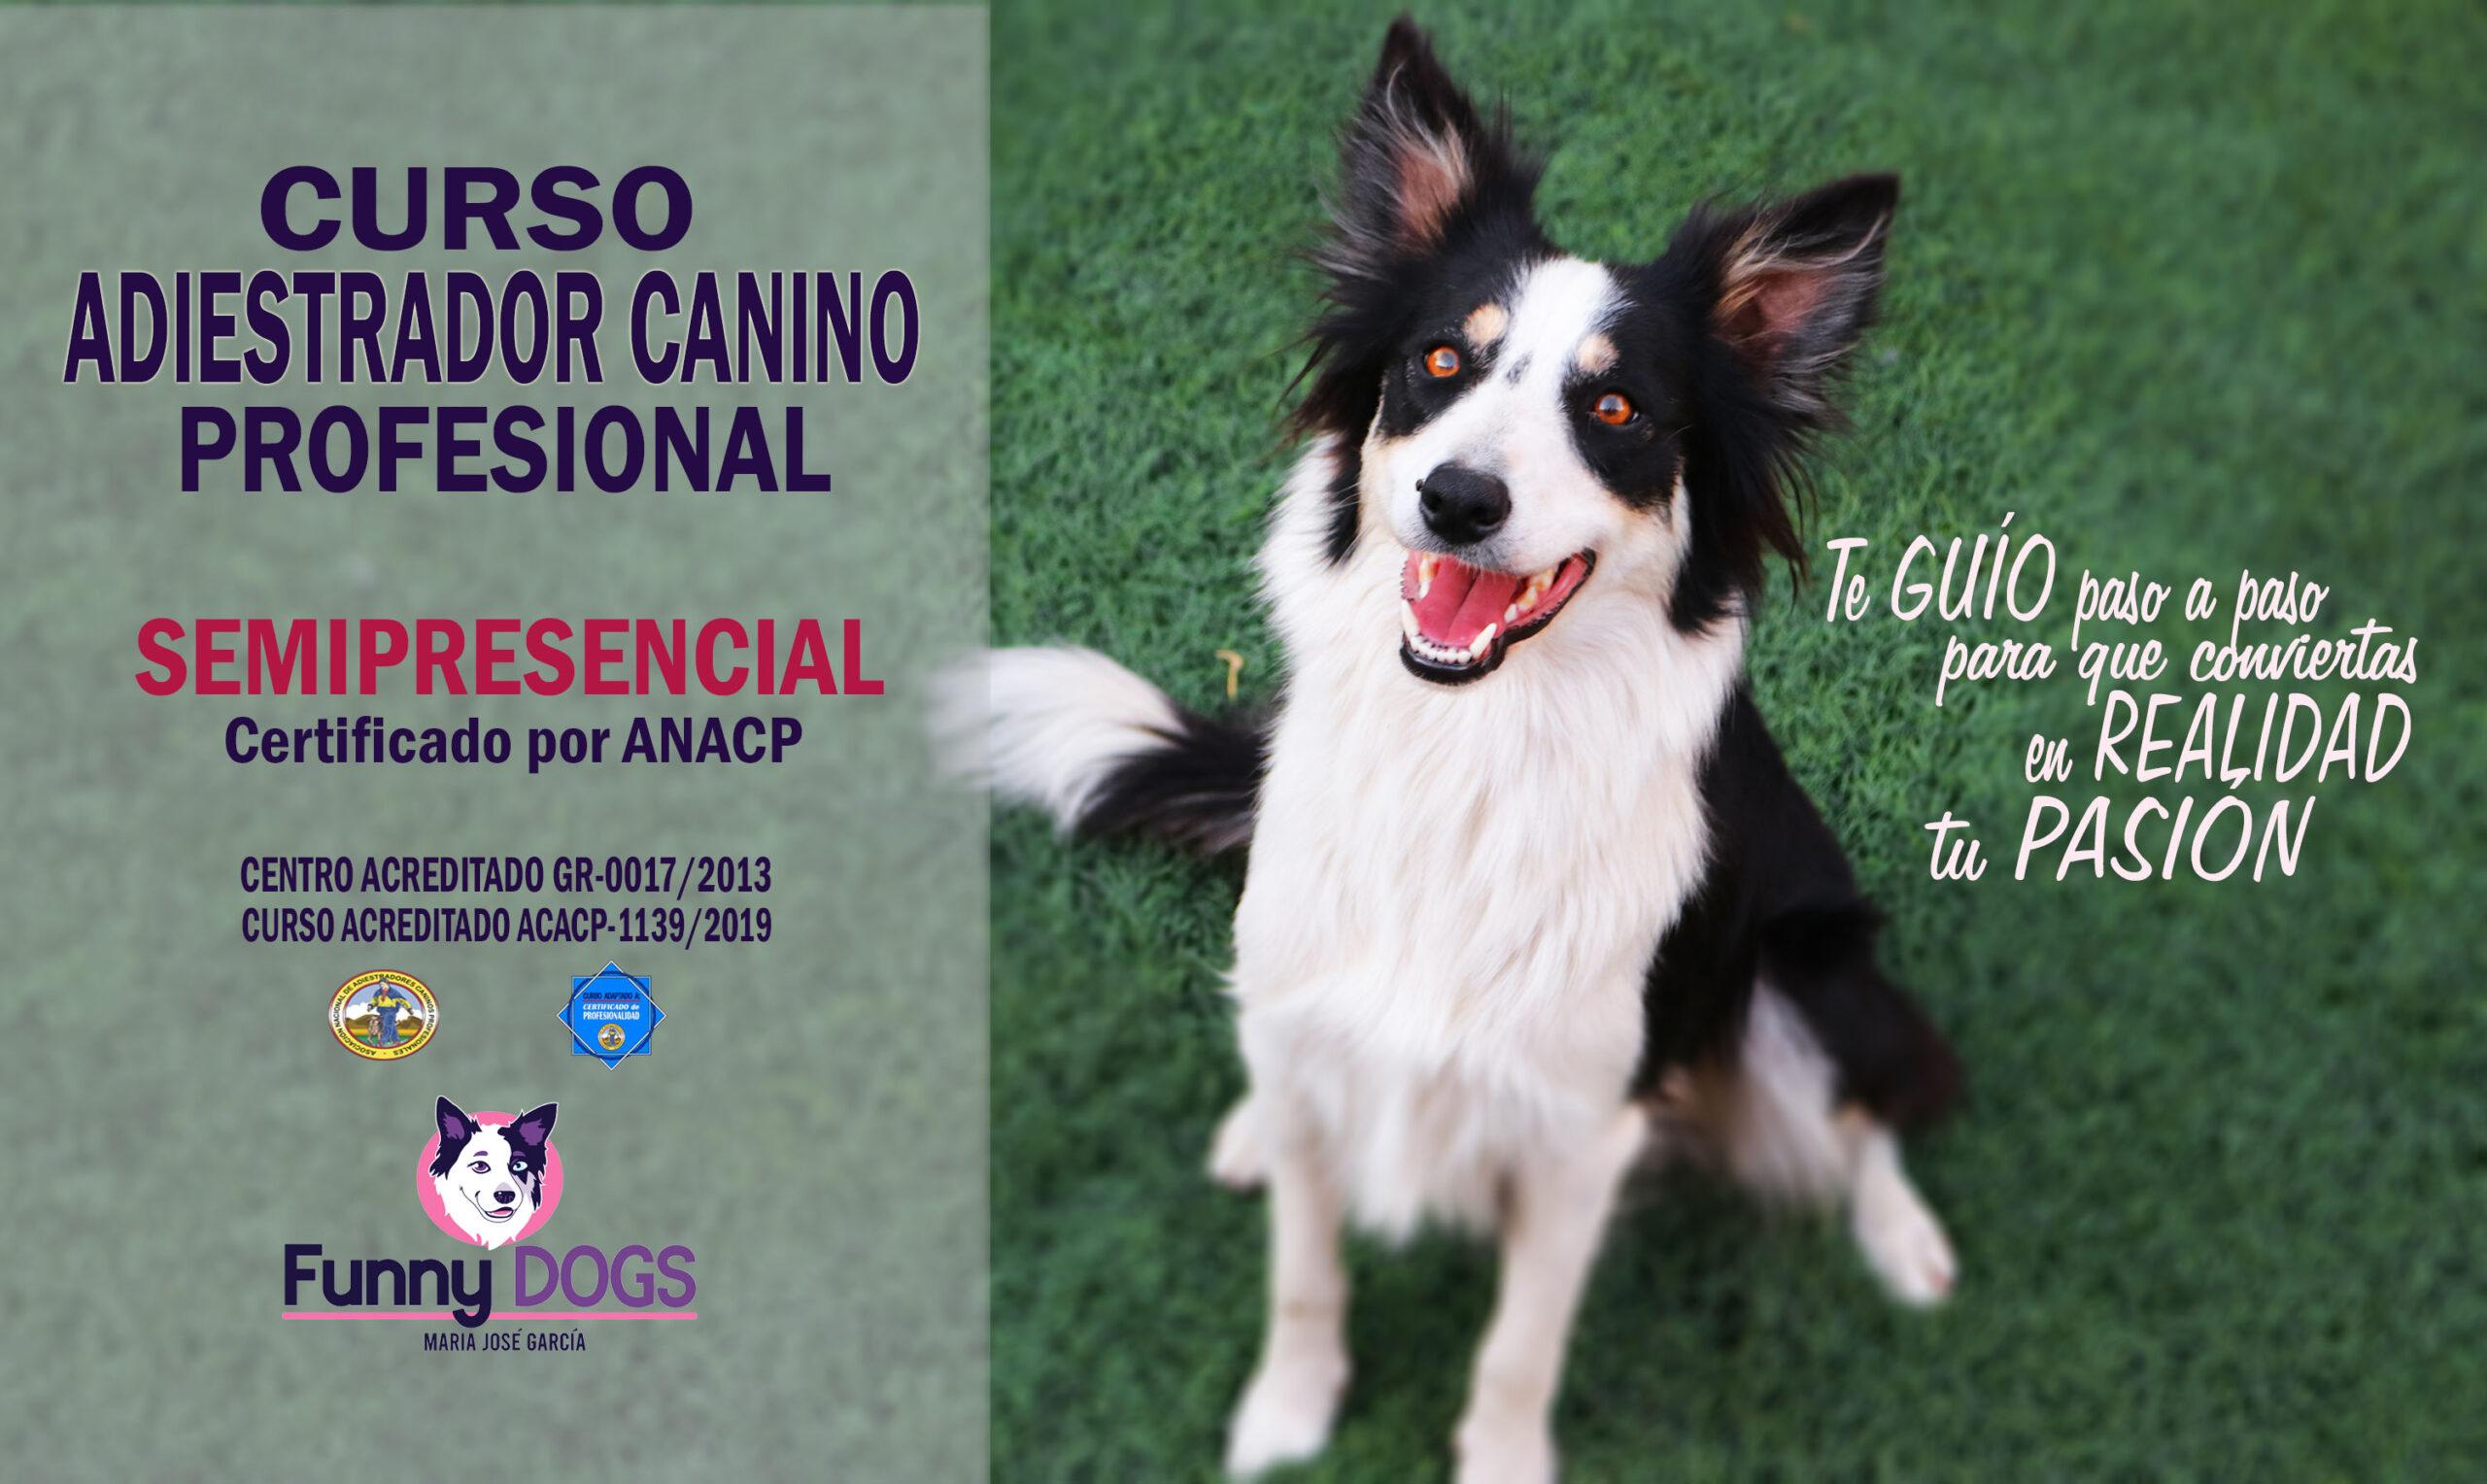 Cursos de Educación Canina y Adiestramiento de Perros en Granada